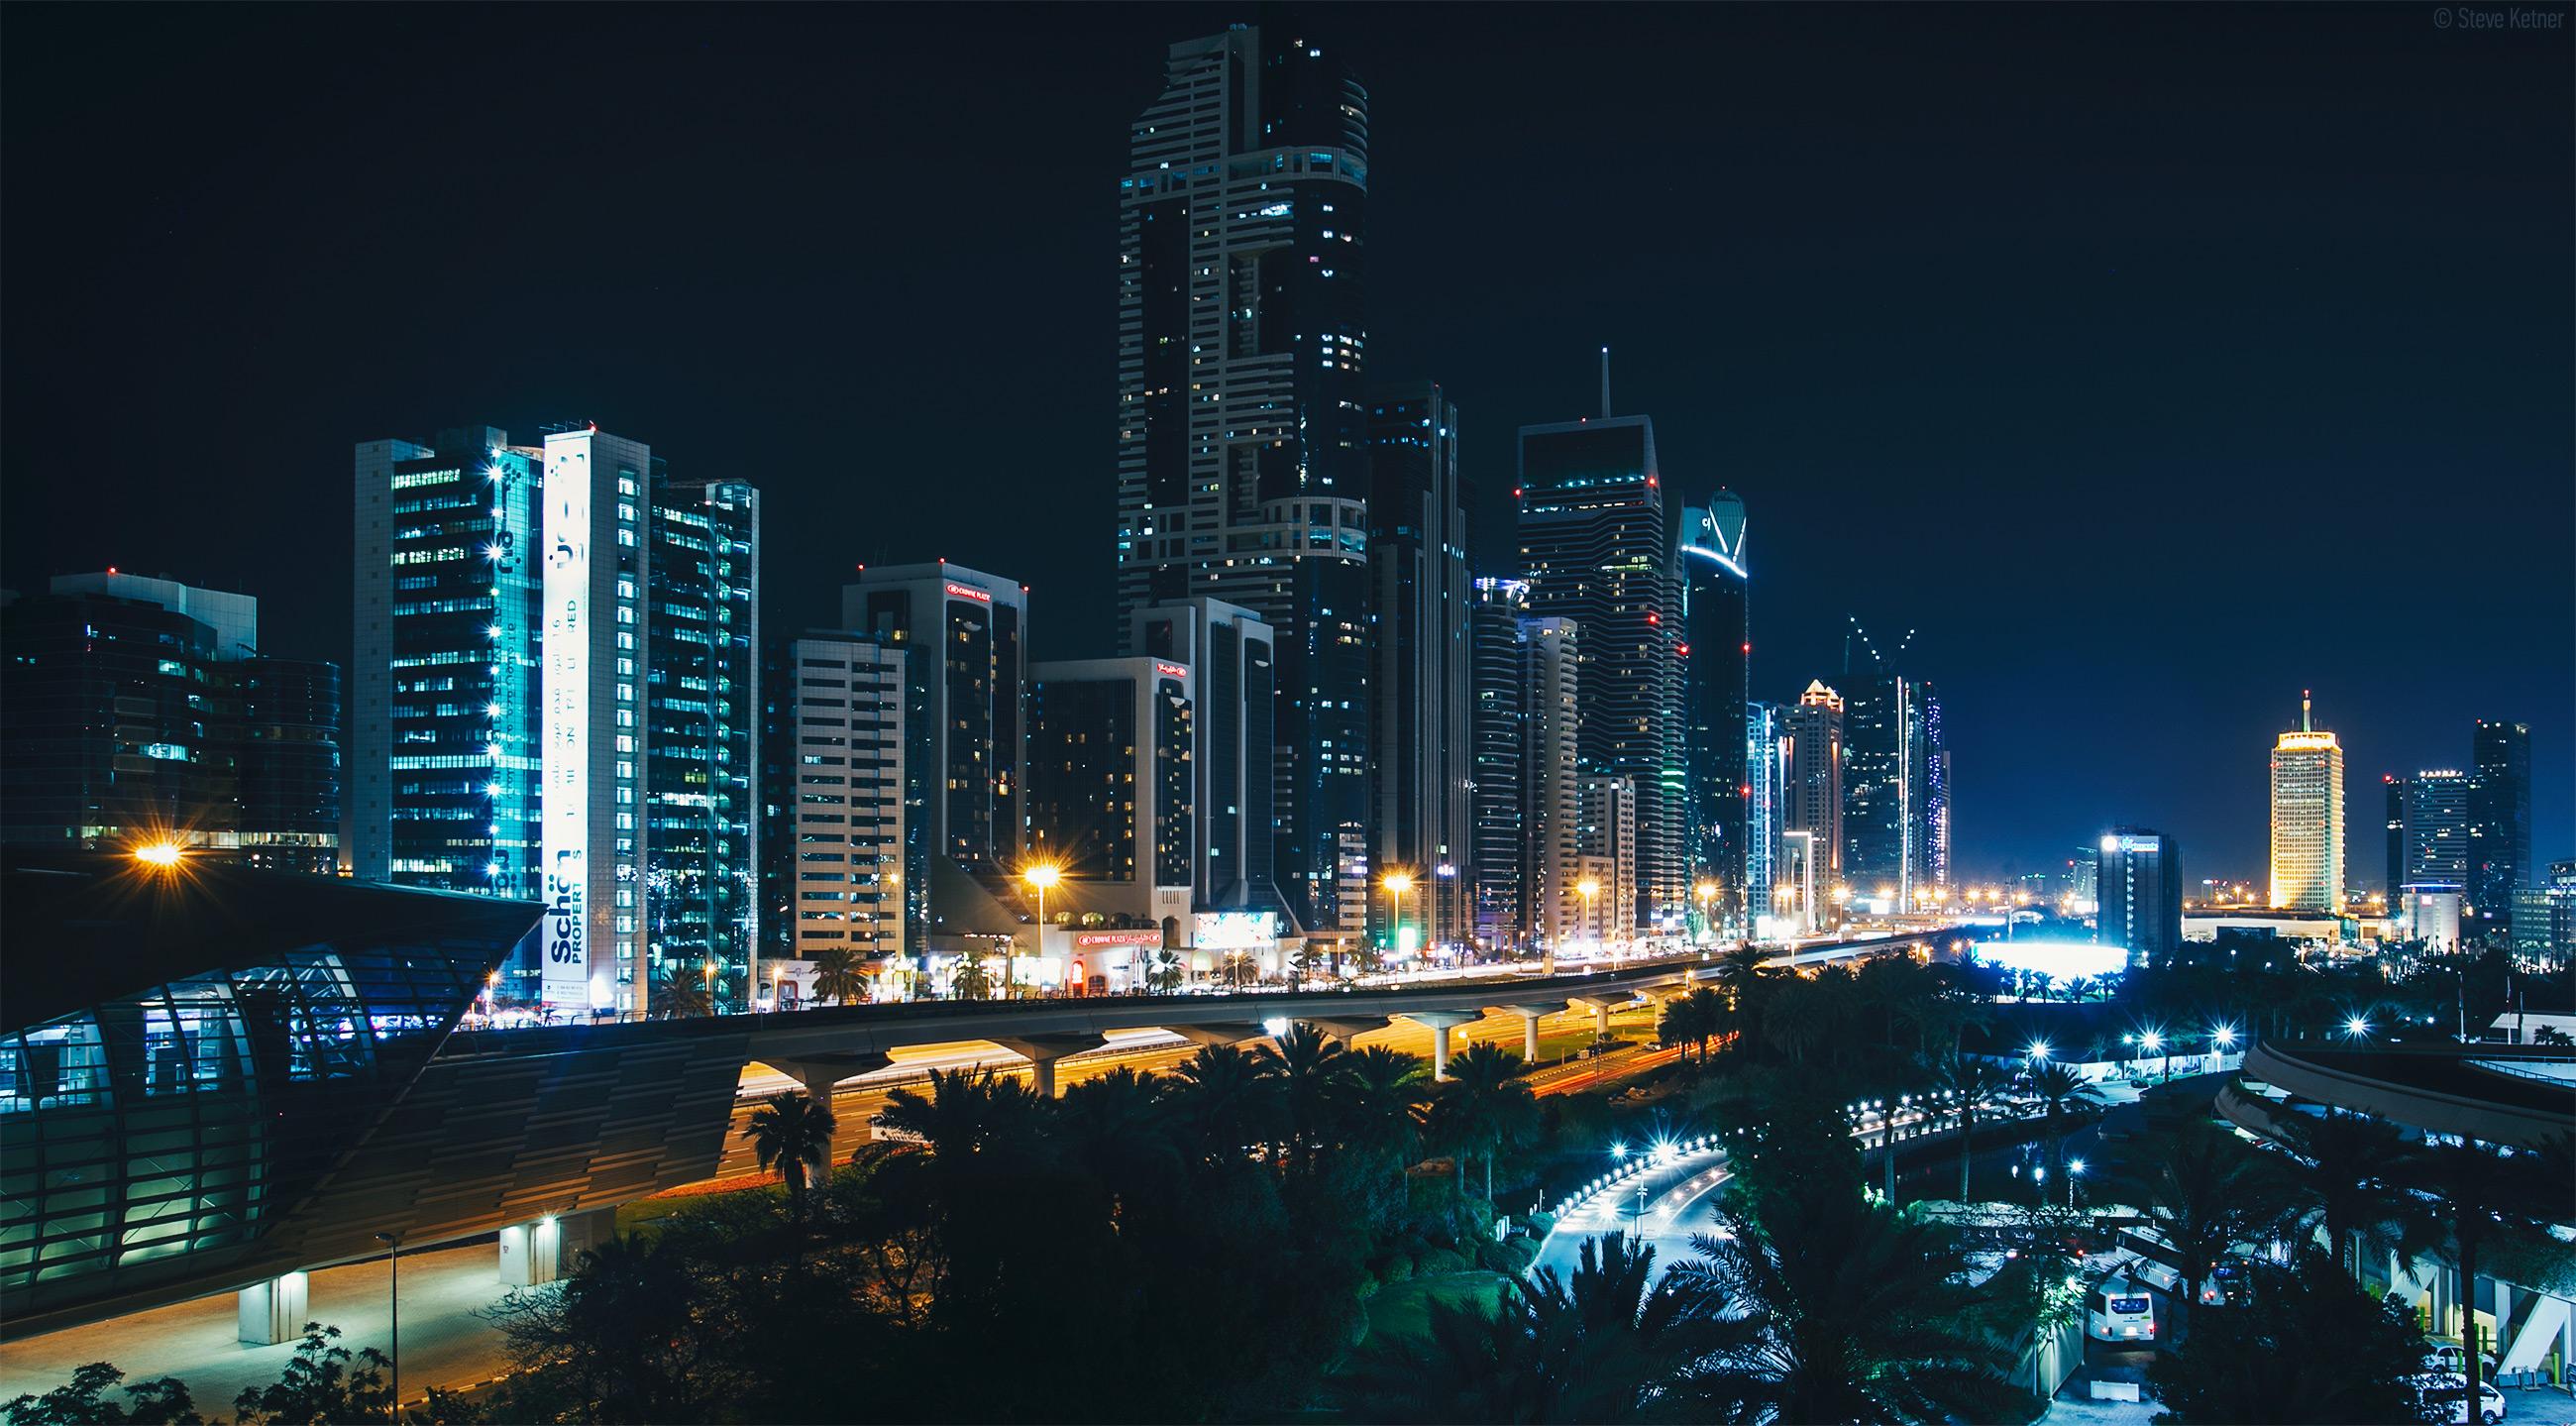 Steve Ketner - Dubai Downtown